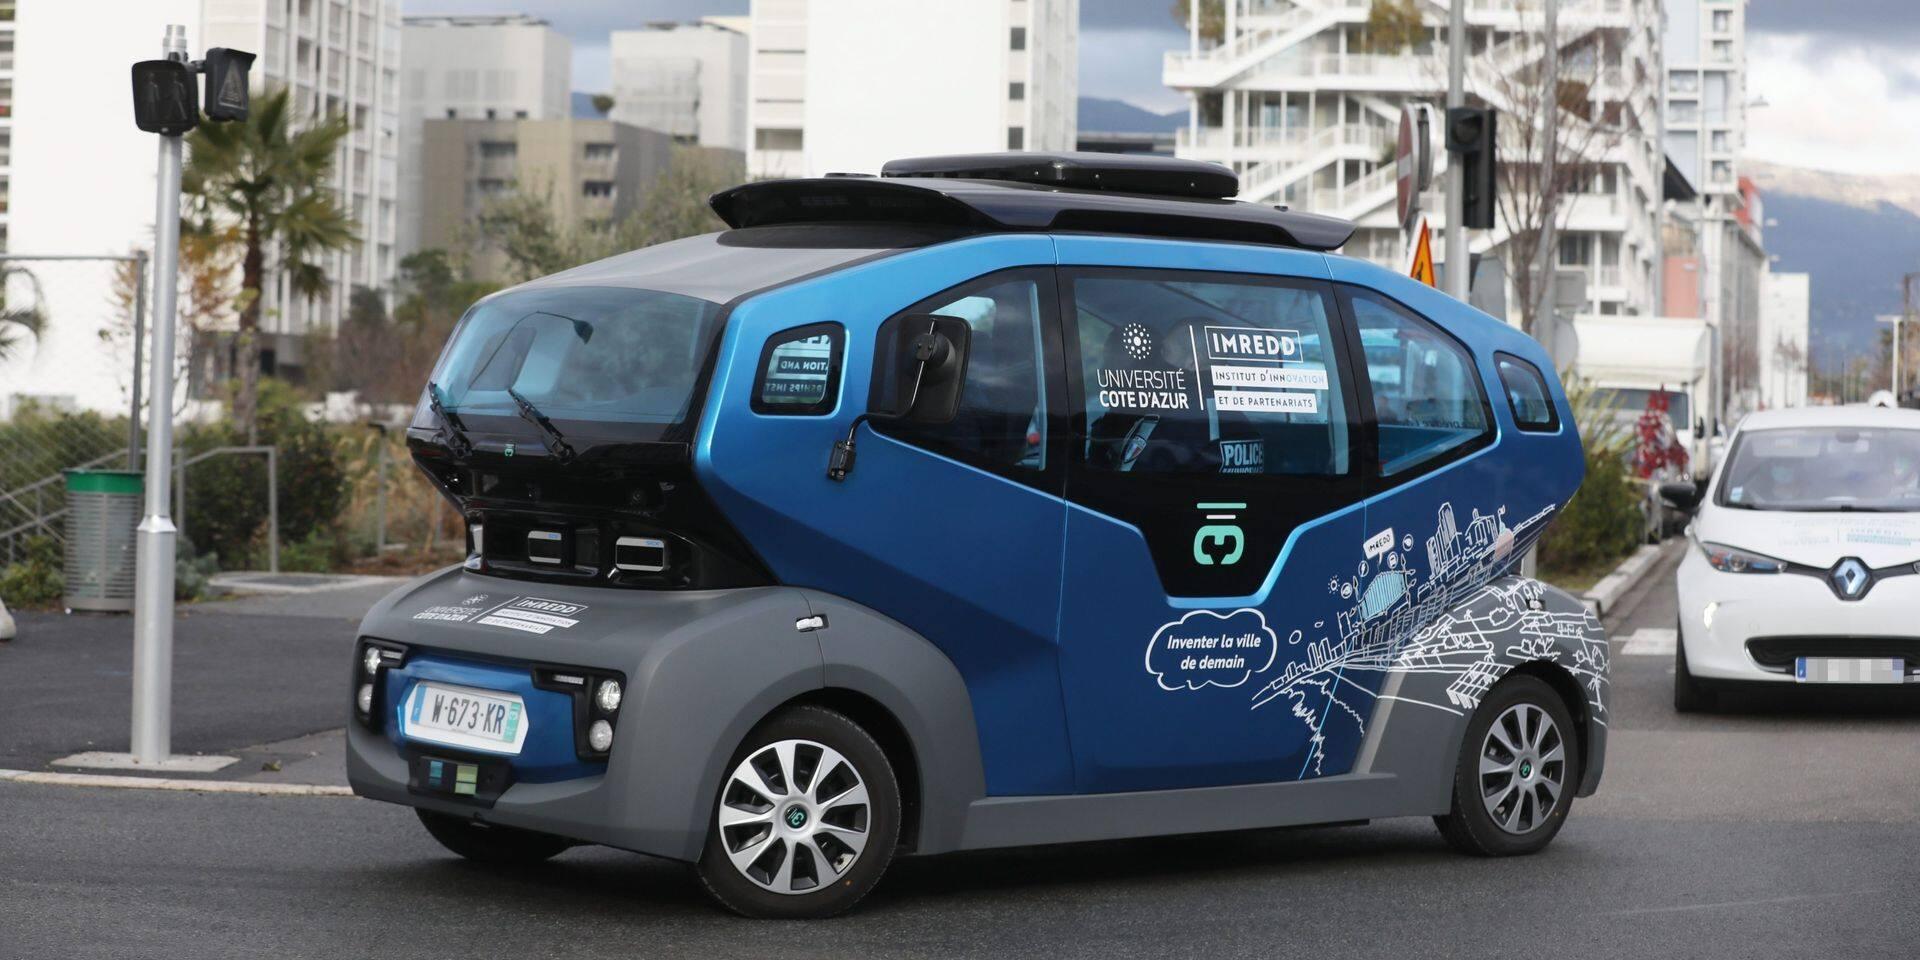 Toyota rachète la division véhicule autonome de Lyft pour 550 millions de dollars